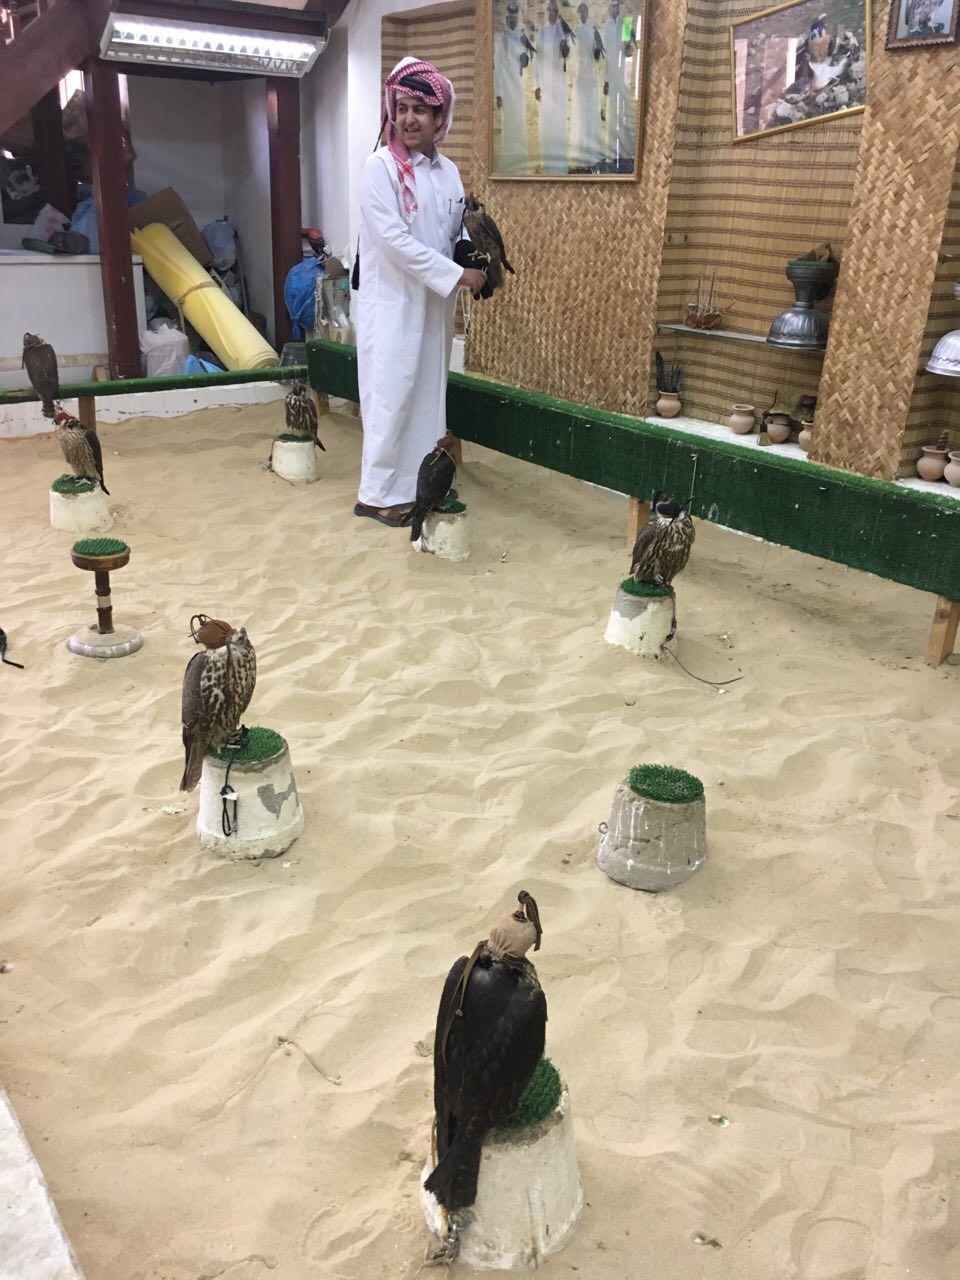 La caza con halcones uno de los pasatiempos preferidos de los Cataries.